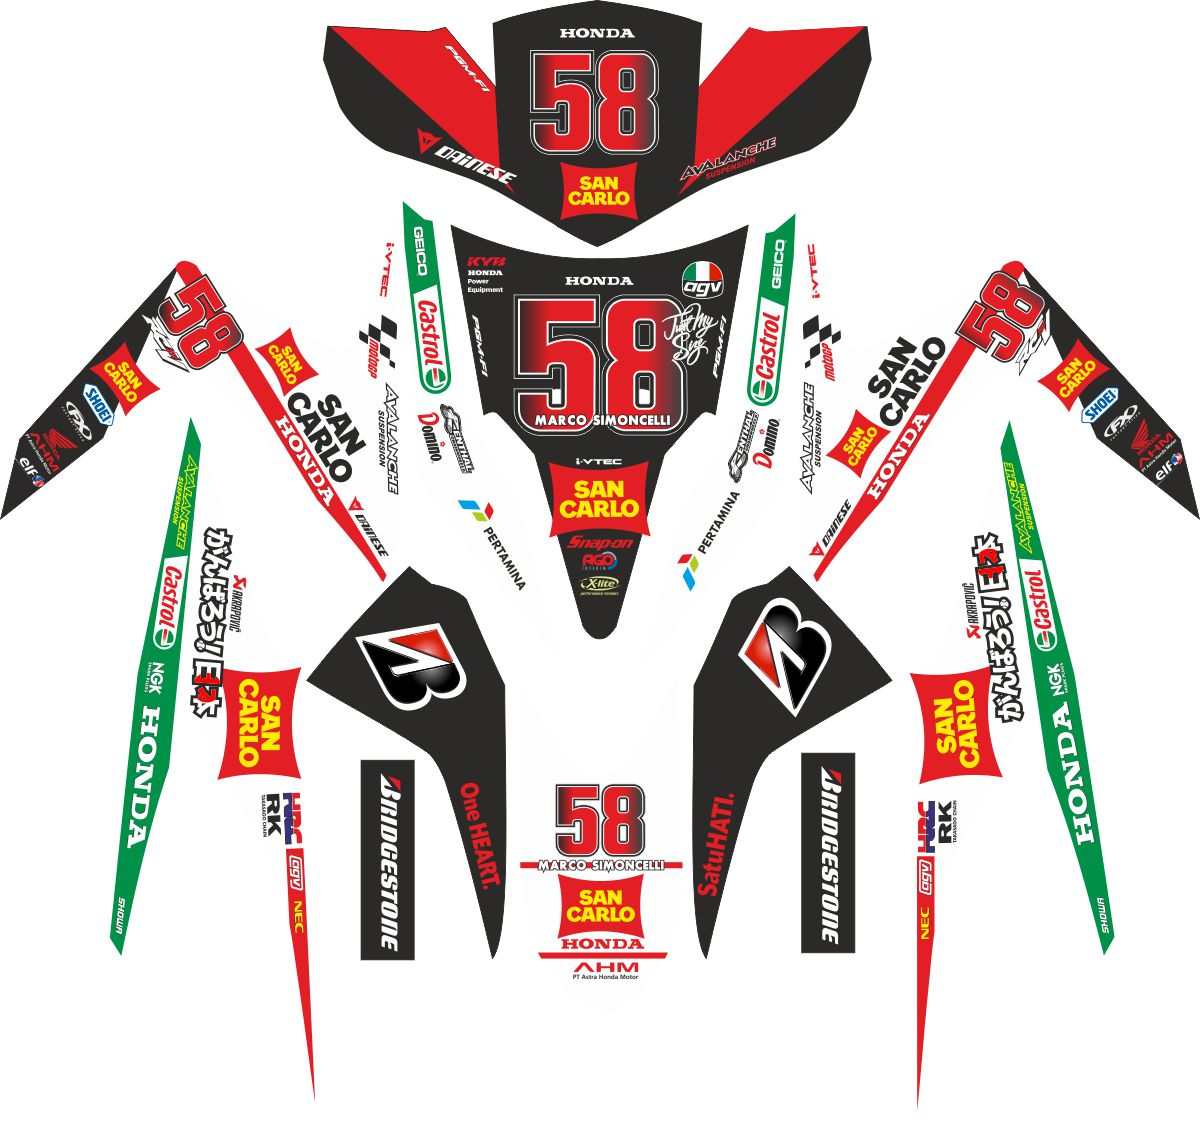 Комплект наклеек на скутер HONDA VARIO MOTO GP SIMONCELLI